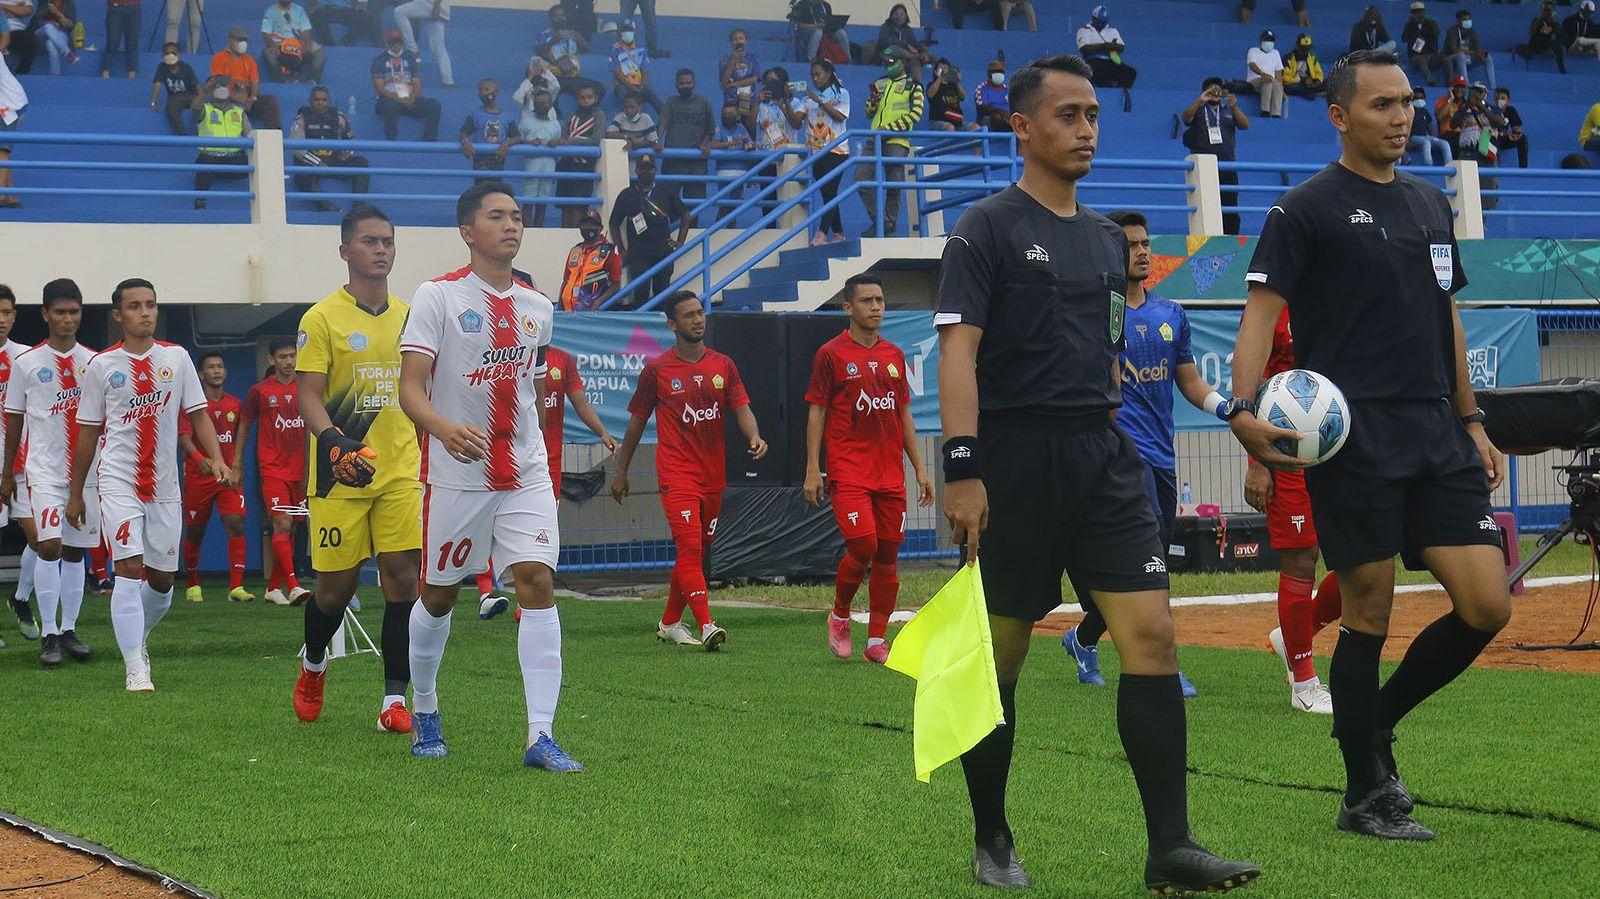 Wasit Fariq Hitaba (kanan) memimpin ofisial laga dan pemain Sulawesi Utara dan Aceh saat memasuki lapangan dalam pertandingan sepak bola putra PON XX Papua 2021 di Stadion Barnabas Youwe pada 2 September 2021.